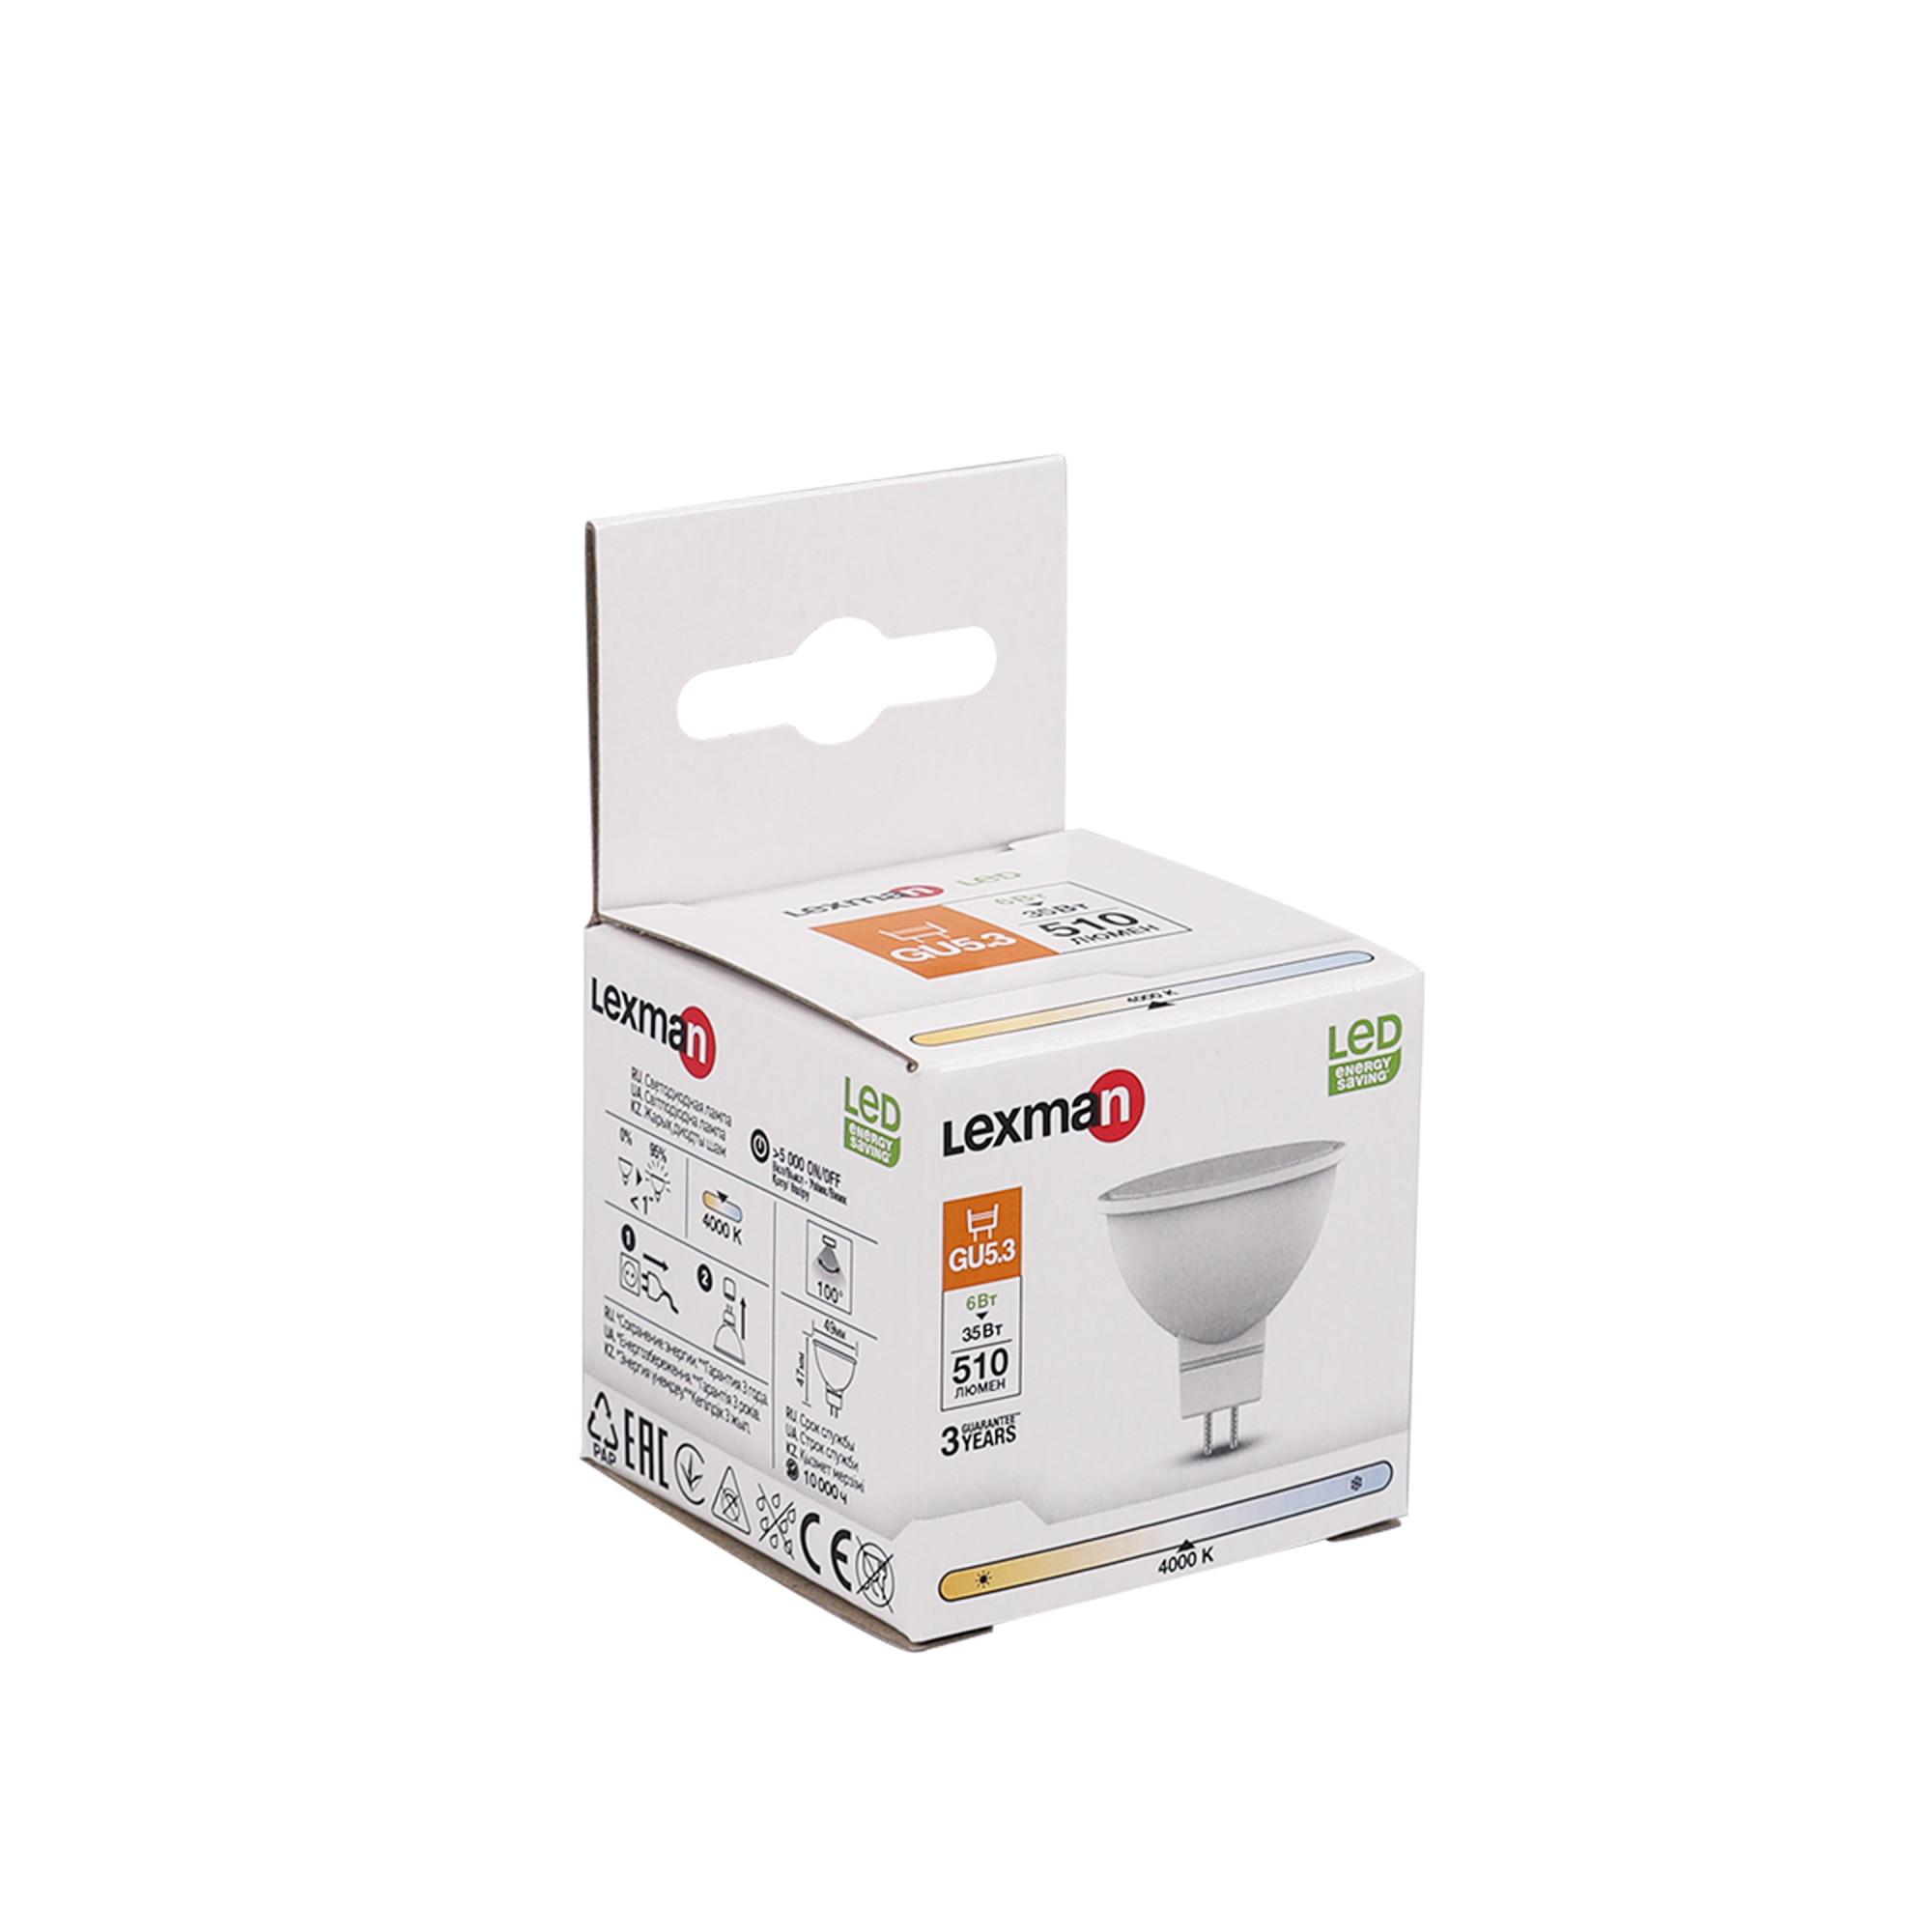 Лампа светодиодная Lexman GU5.3 220 В 6 Вт матовая 510 лм белый свет